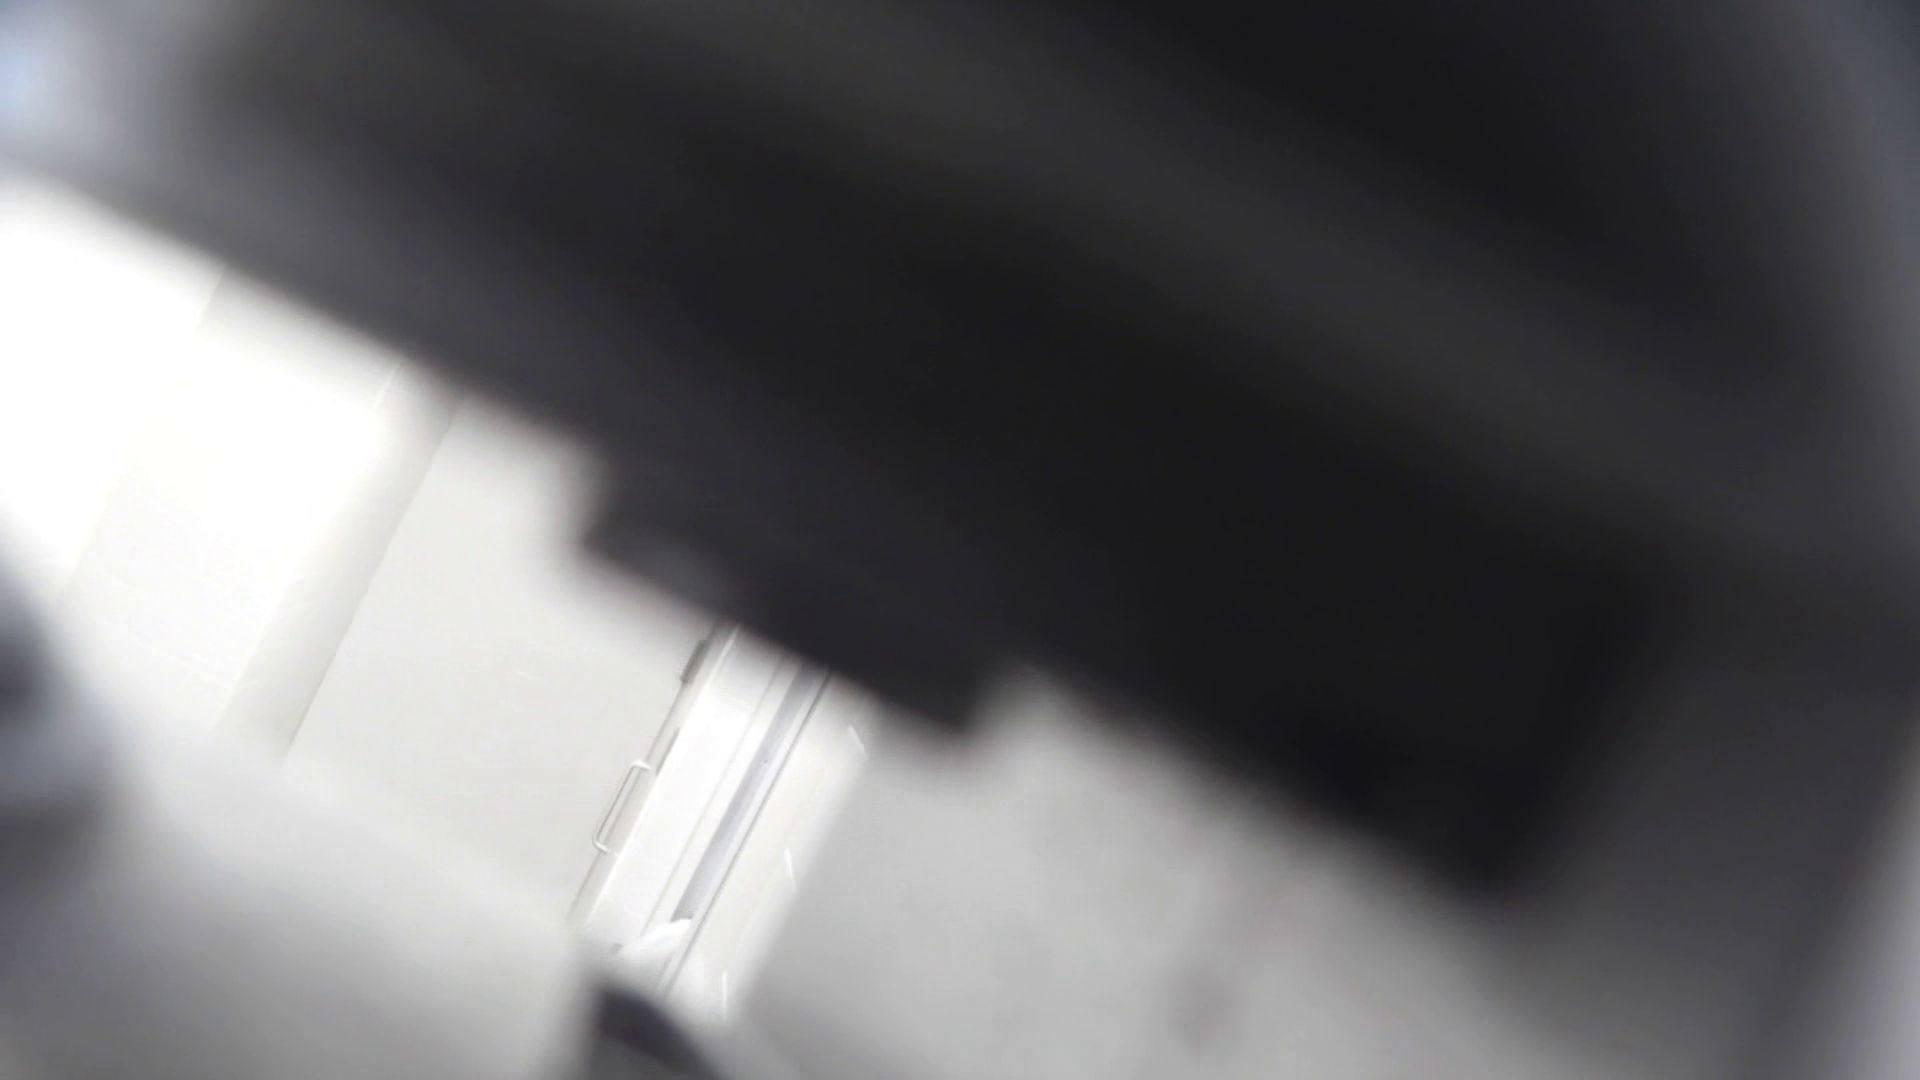 vol.24 命がけ潜伏洗面所! 三十時間潜り、一つしか出会えない完璧桃尻編 洗面所突入  103pic 64